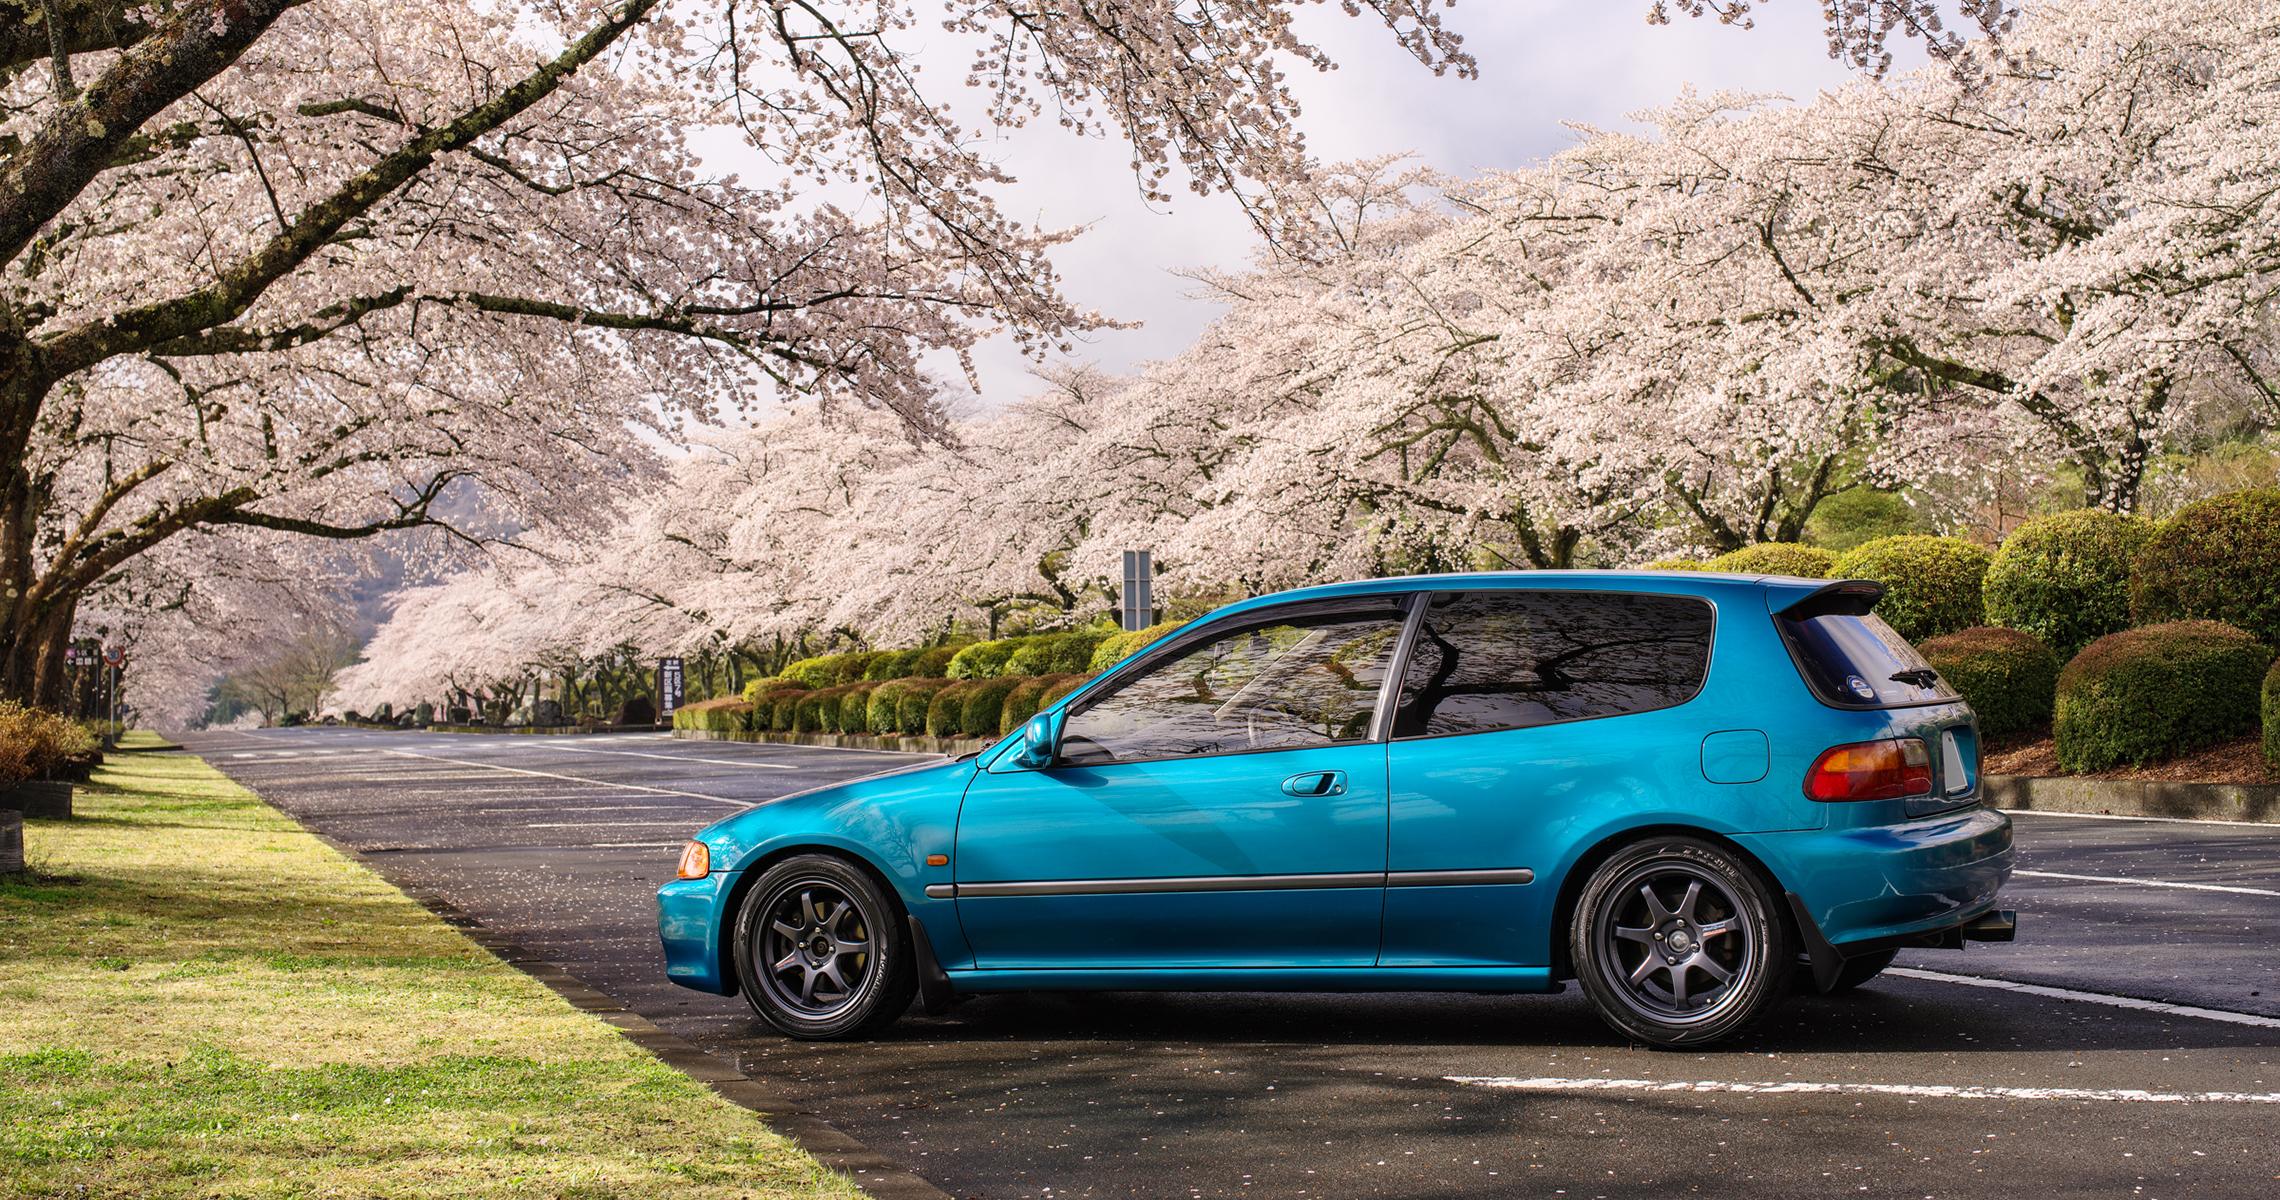 富士霊園の桜と愛車EG6 2019